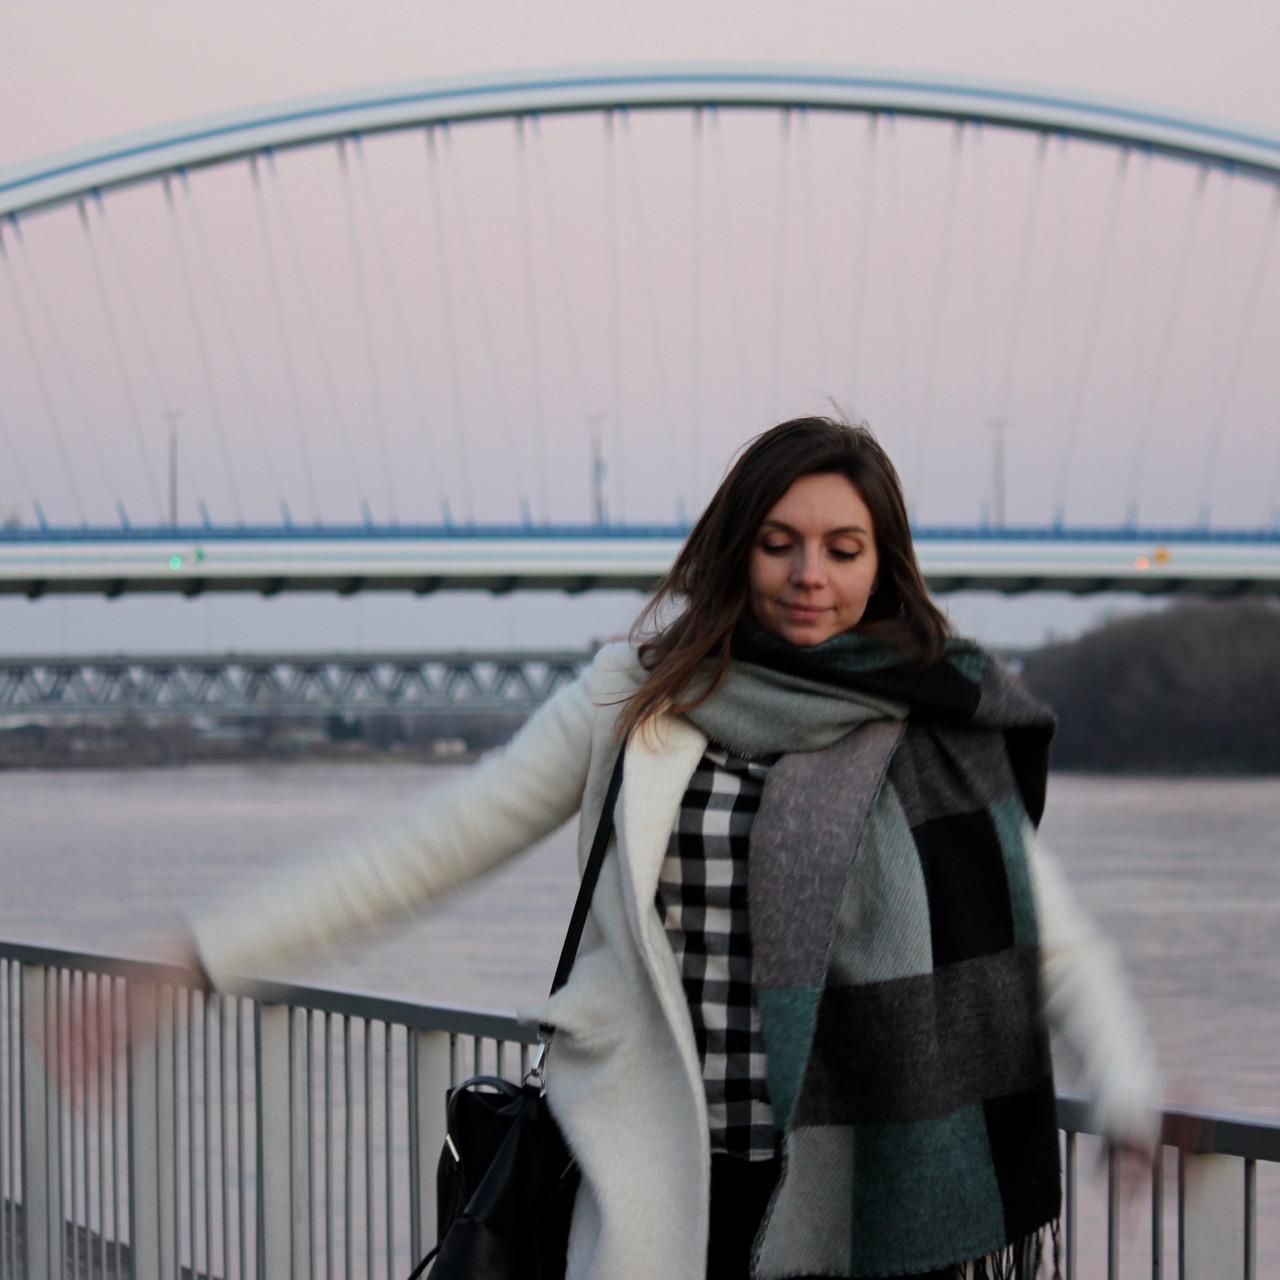 Bratislava, Slovakia - 18